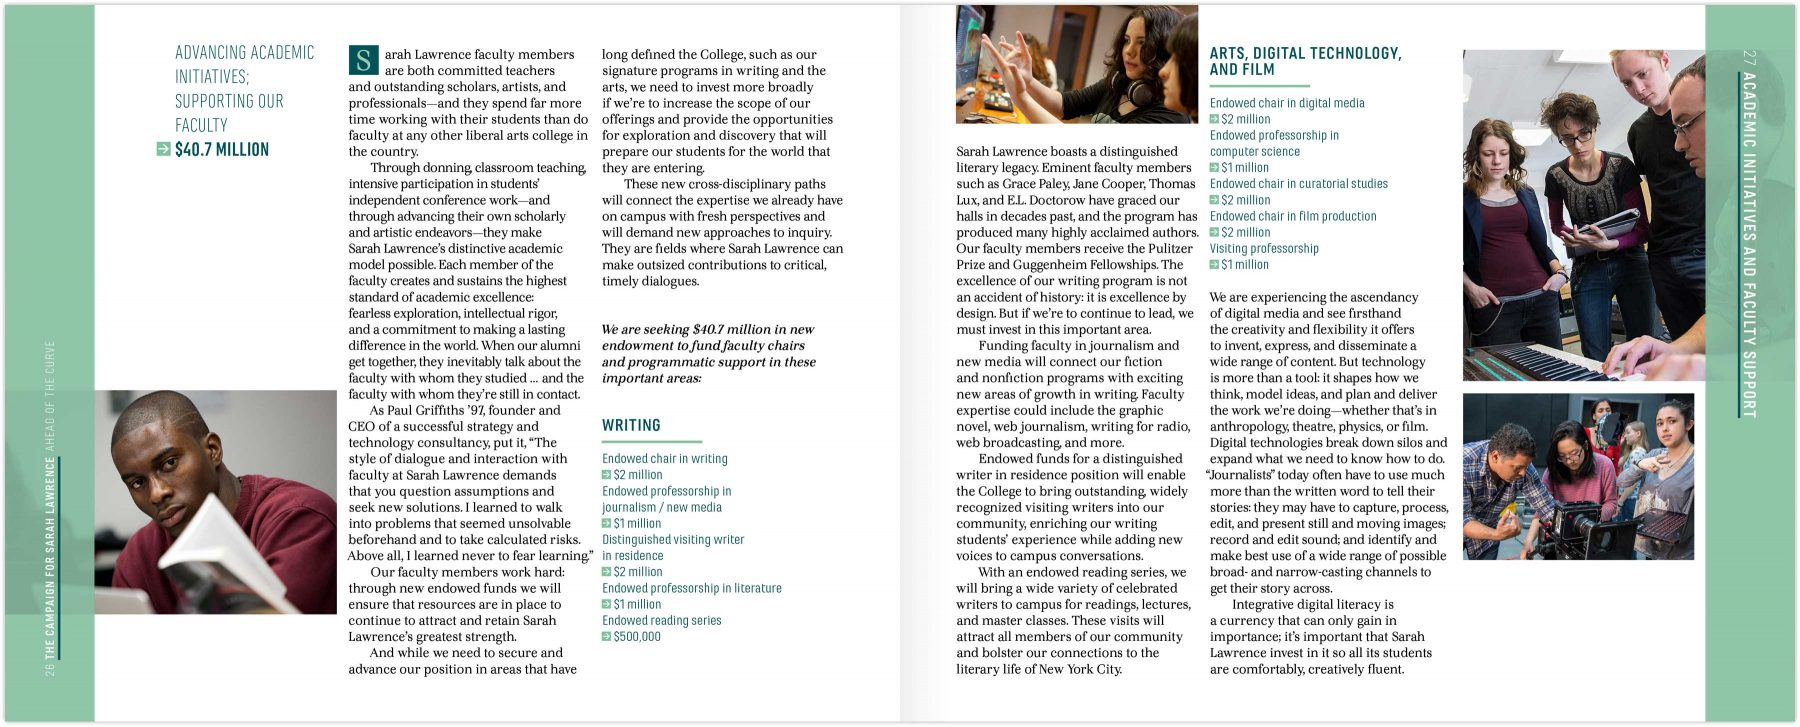 Campaign brochure interior page spread